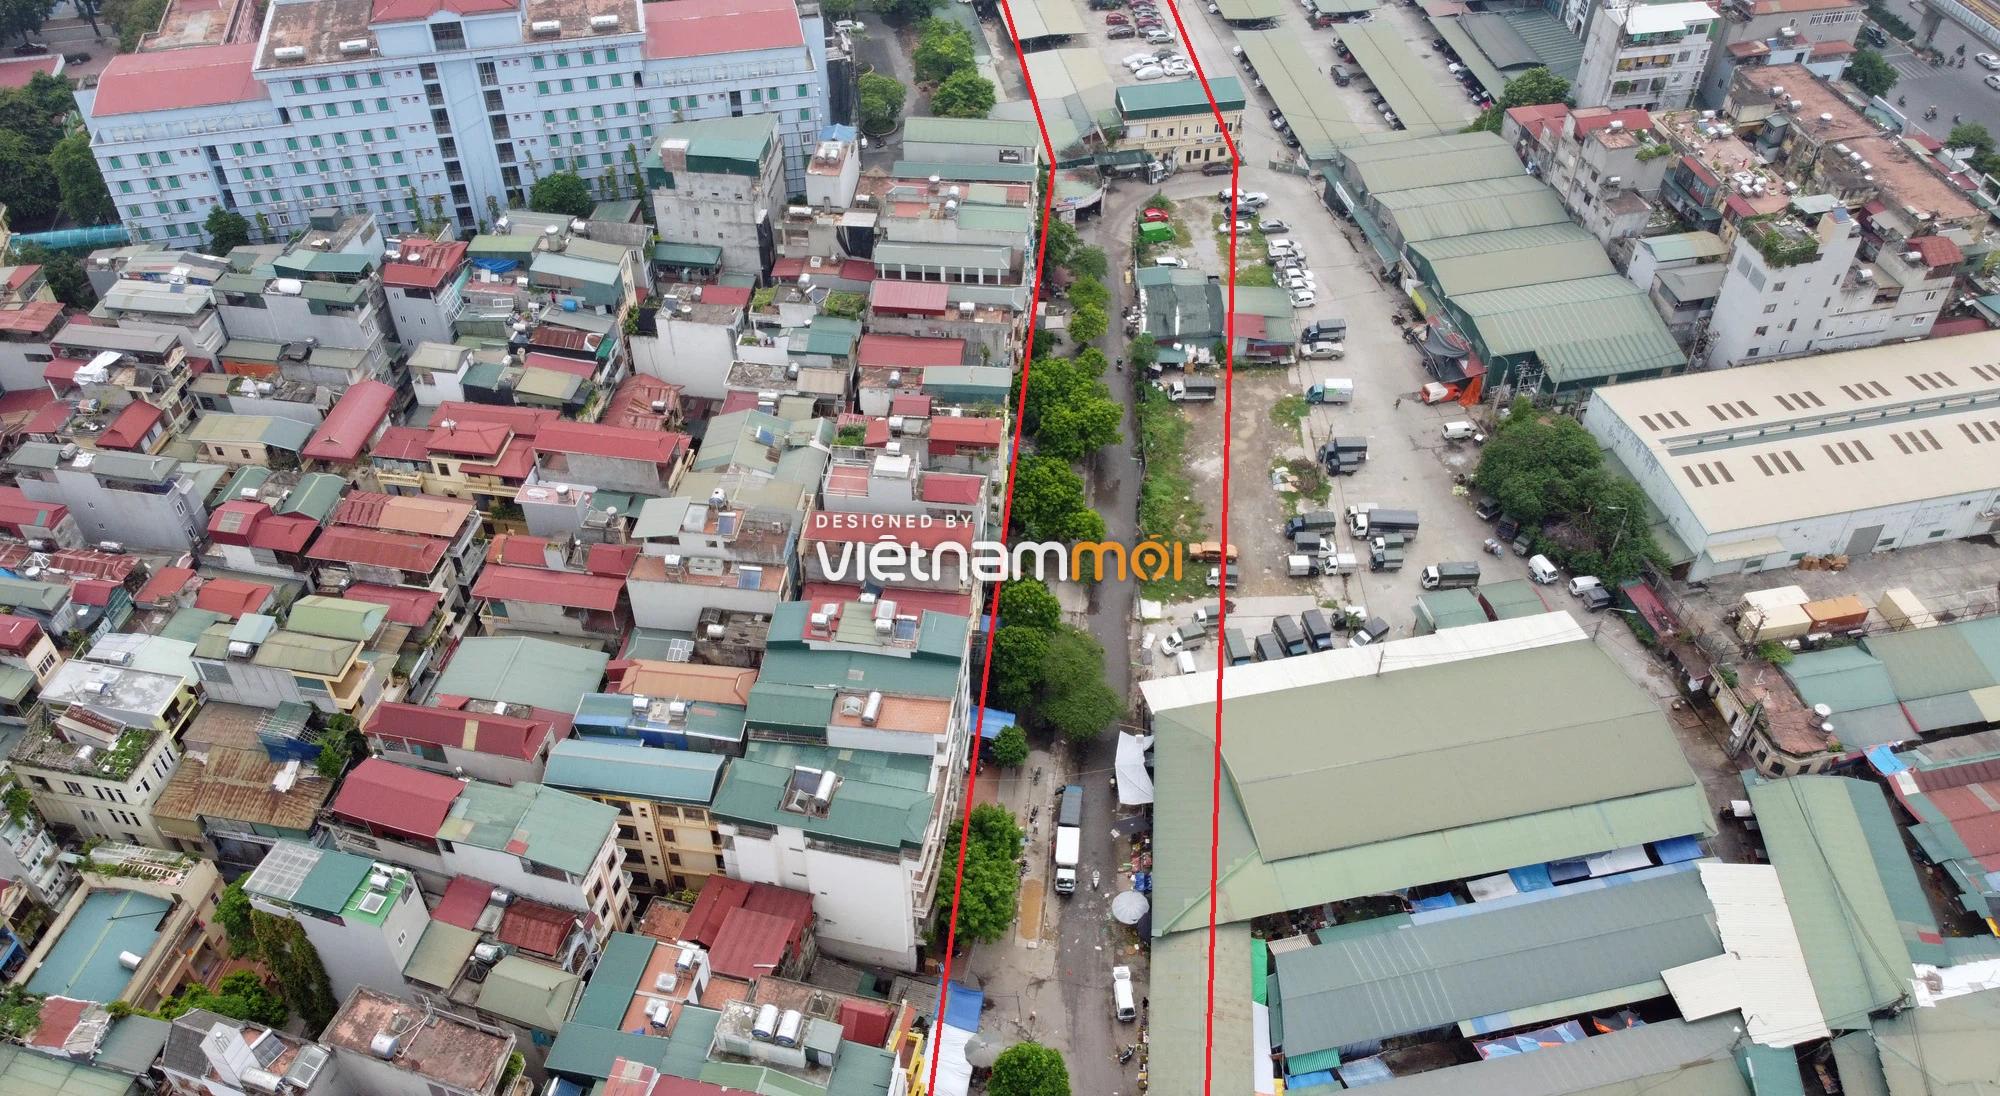 Những khu đất sắp thu hồi để mở đường ở phường Trung Văn, Nam Từ Liêm, Hà Nội (phần 2) - Ảnh 5.